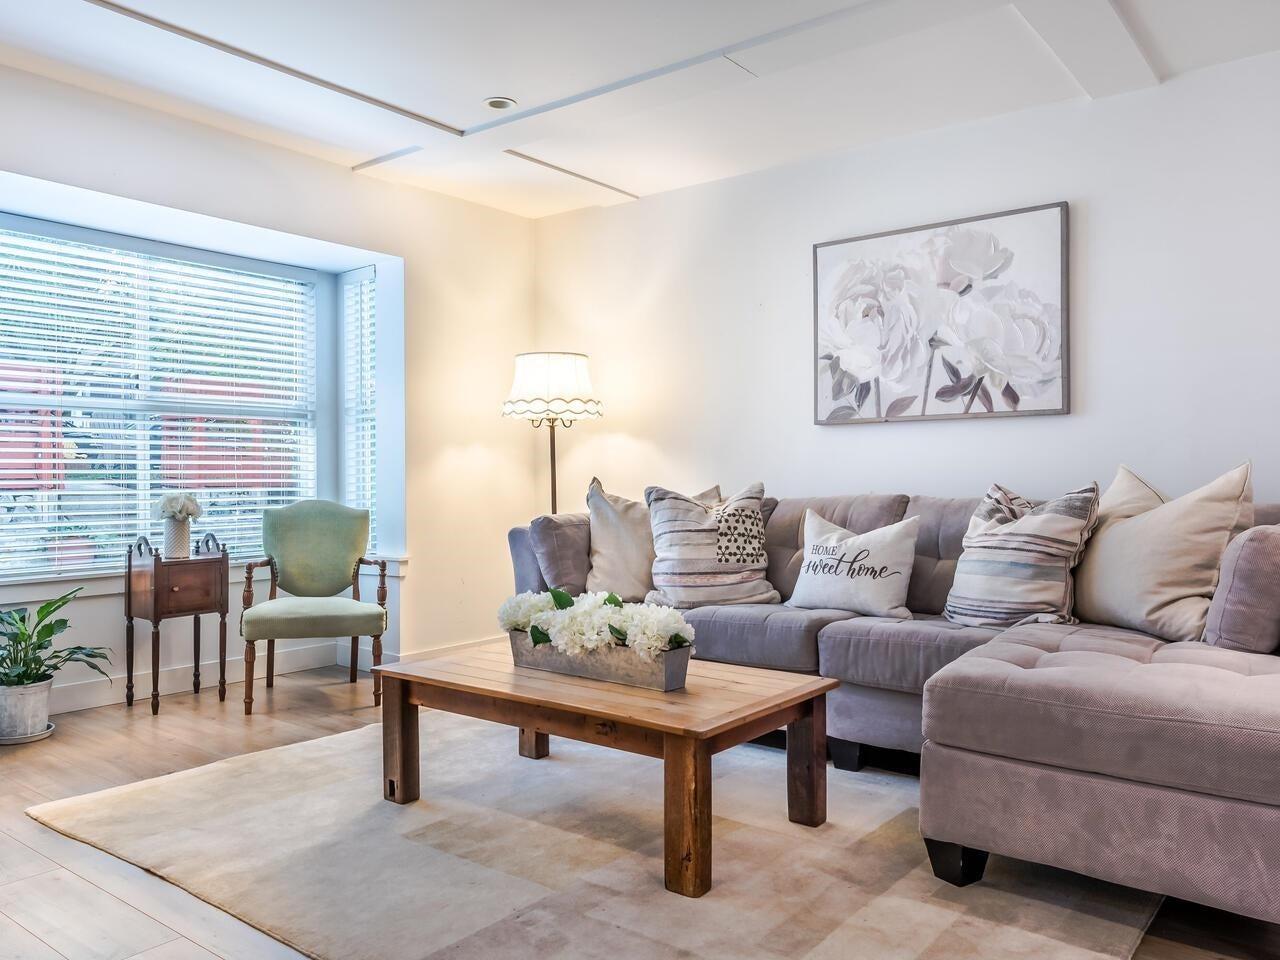 1231 E 11TH AVENUE - Mount Pleasant VE 1/2 Duplex for sale, 3 Bedrooms (R2625828) - #12